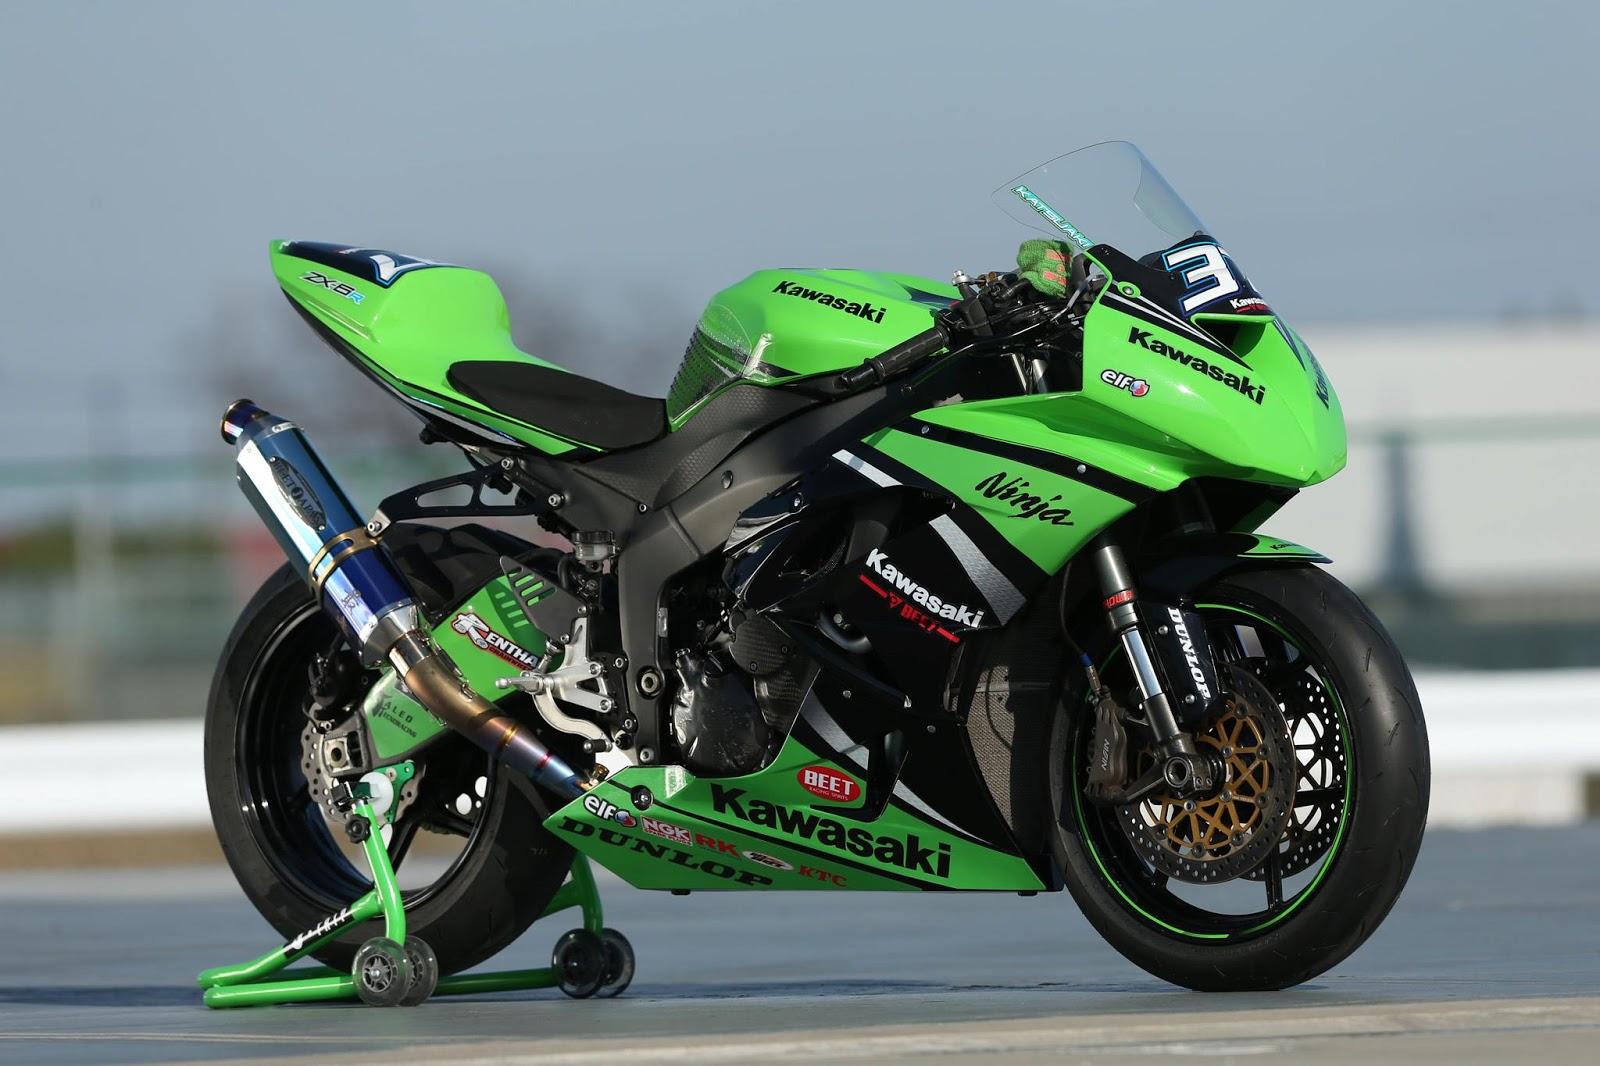 Kawasaki zx6r 2013 (636) - Page 10 Fujiwara+2013+01